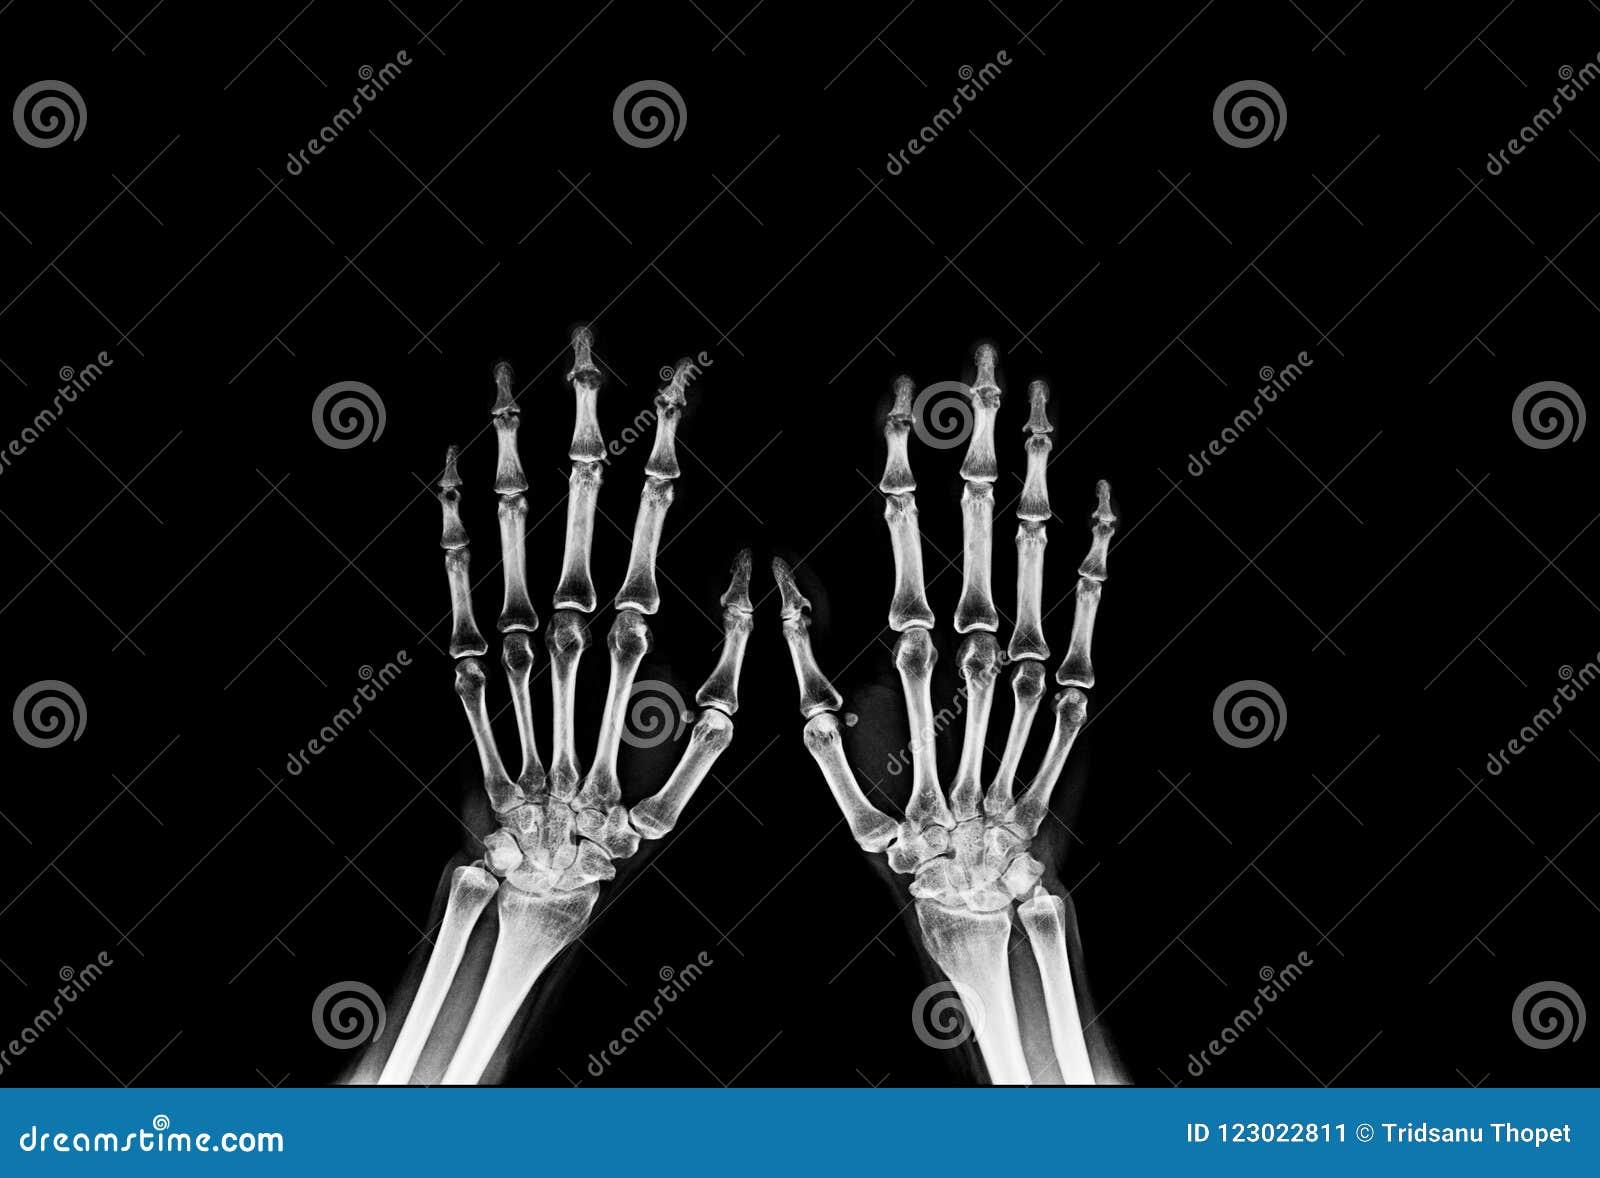 Hand X-ray On Black Background Stock Image - Image of image, anatomy ...